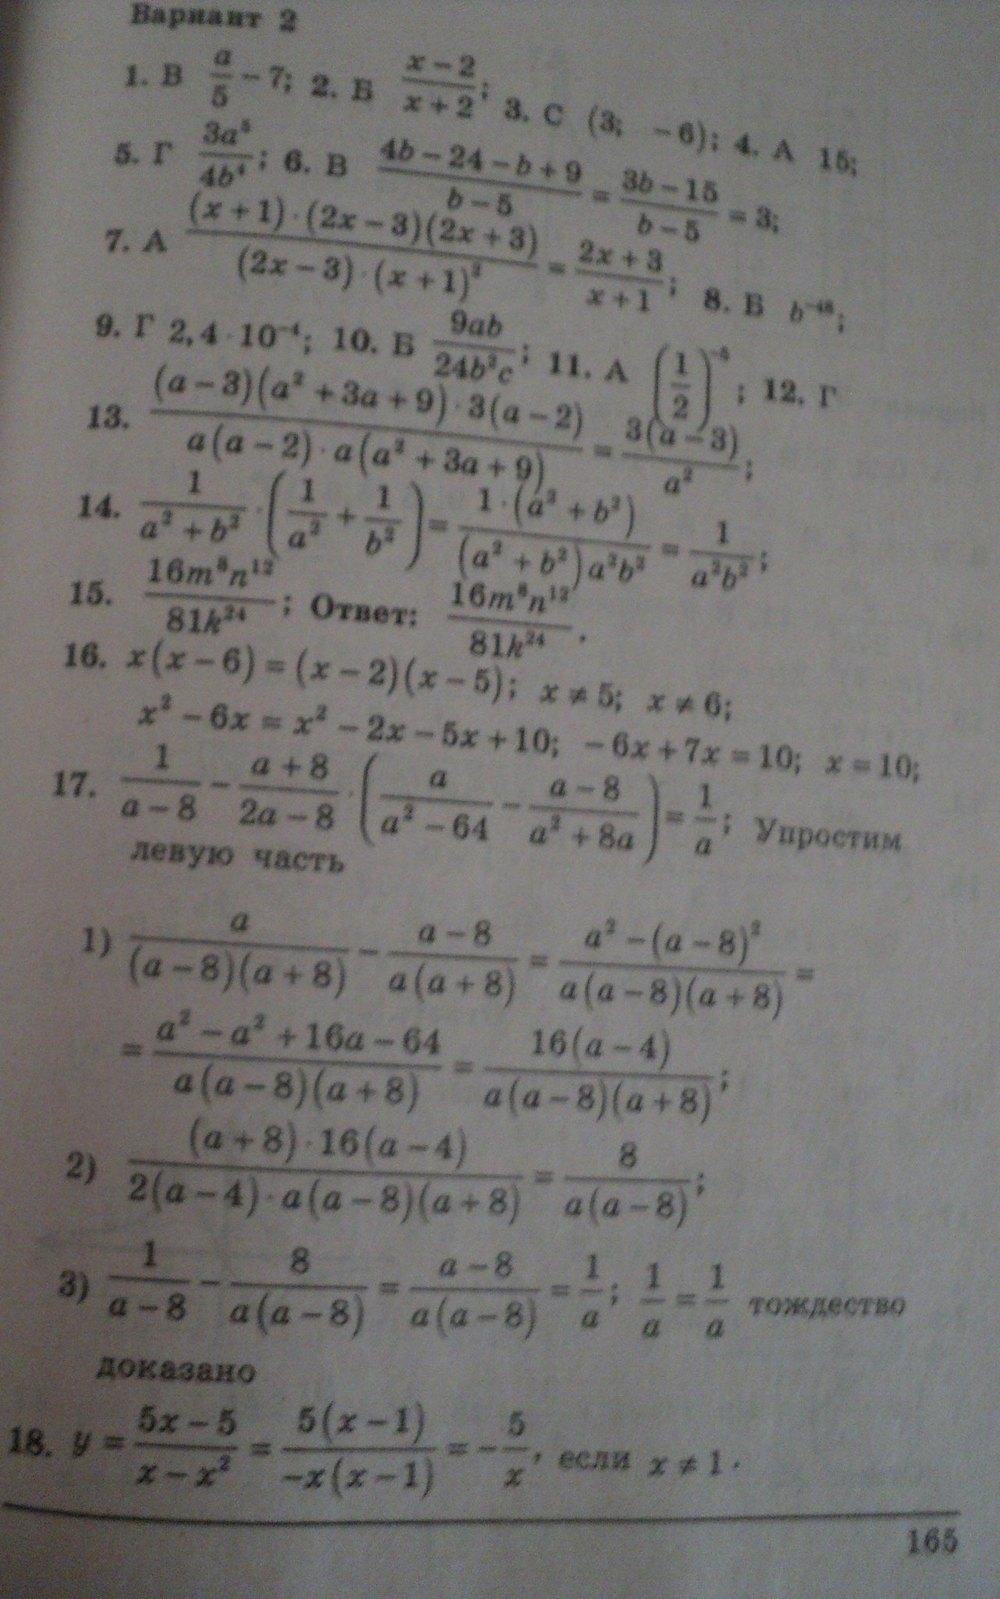 ГДЗ по алгебре 8 класс Щербань П.. Задание: стр. 165